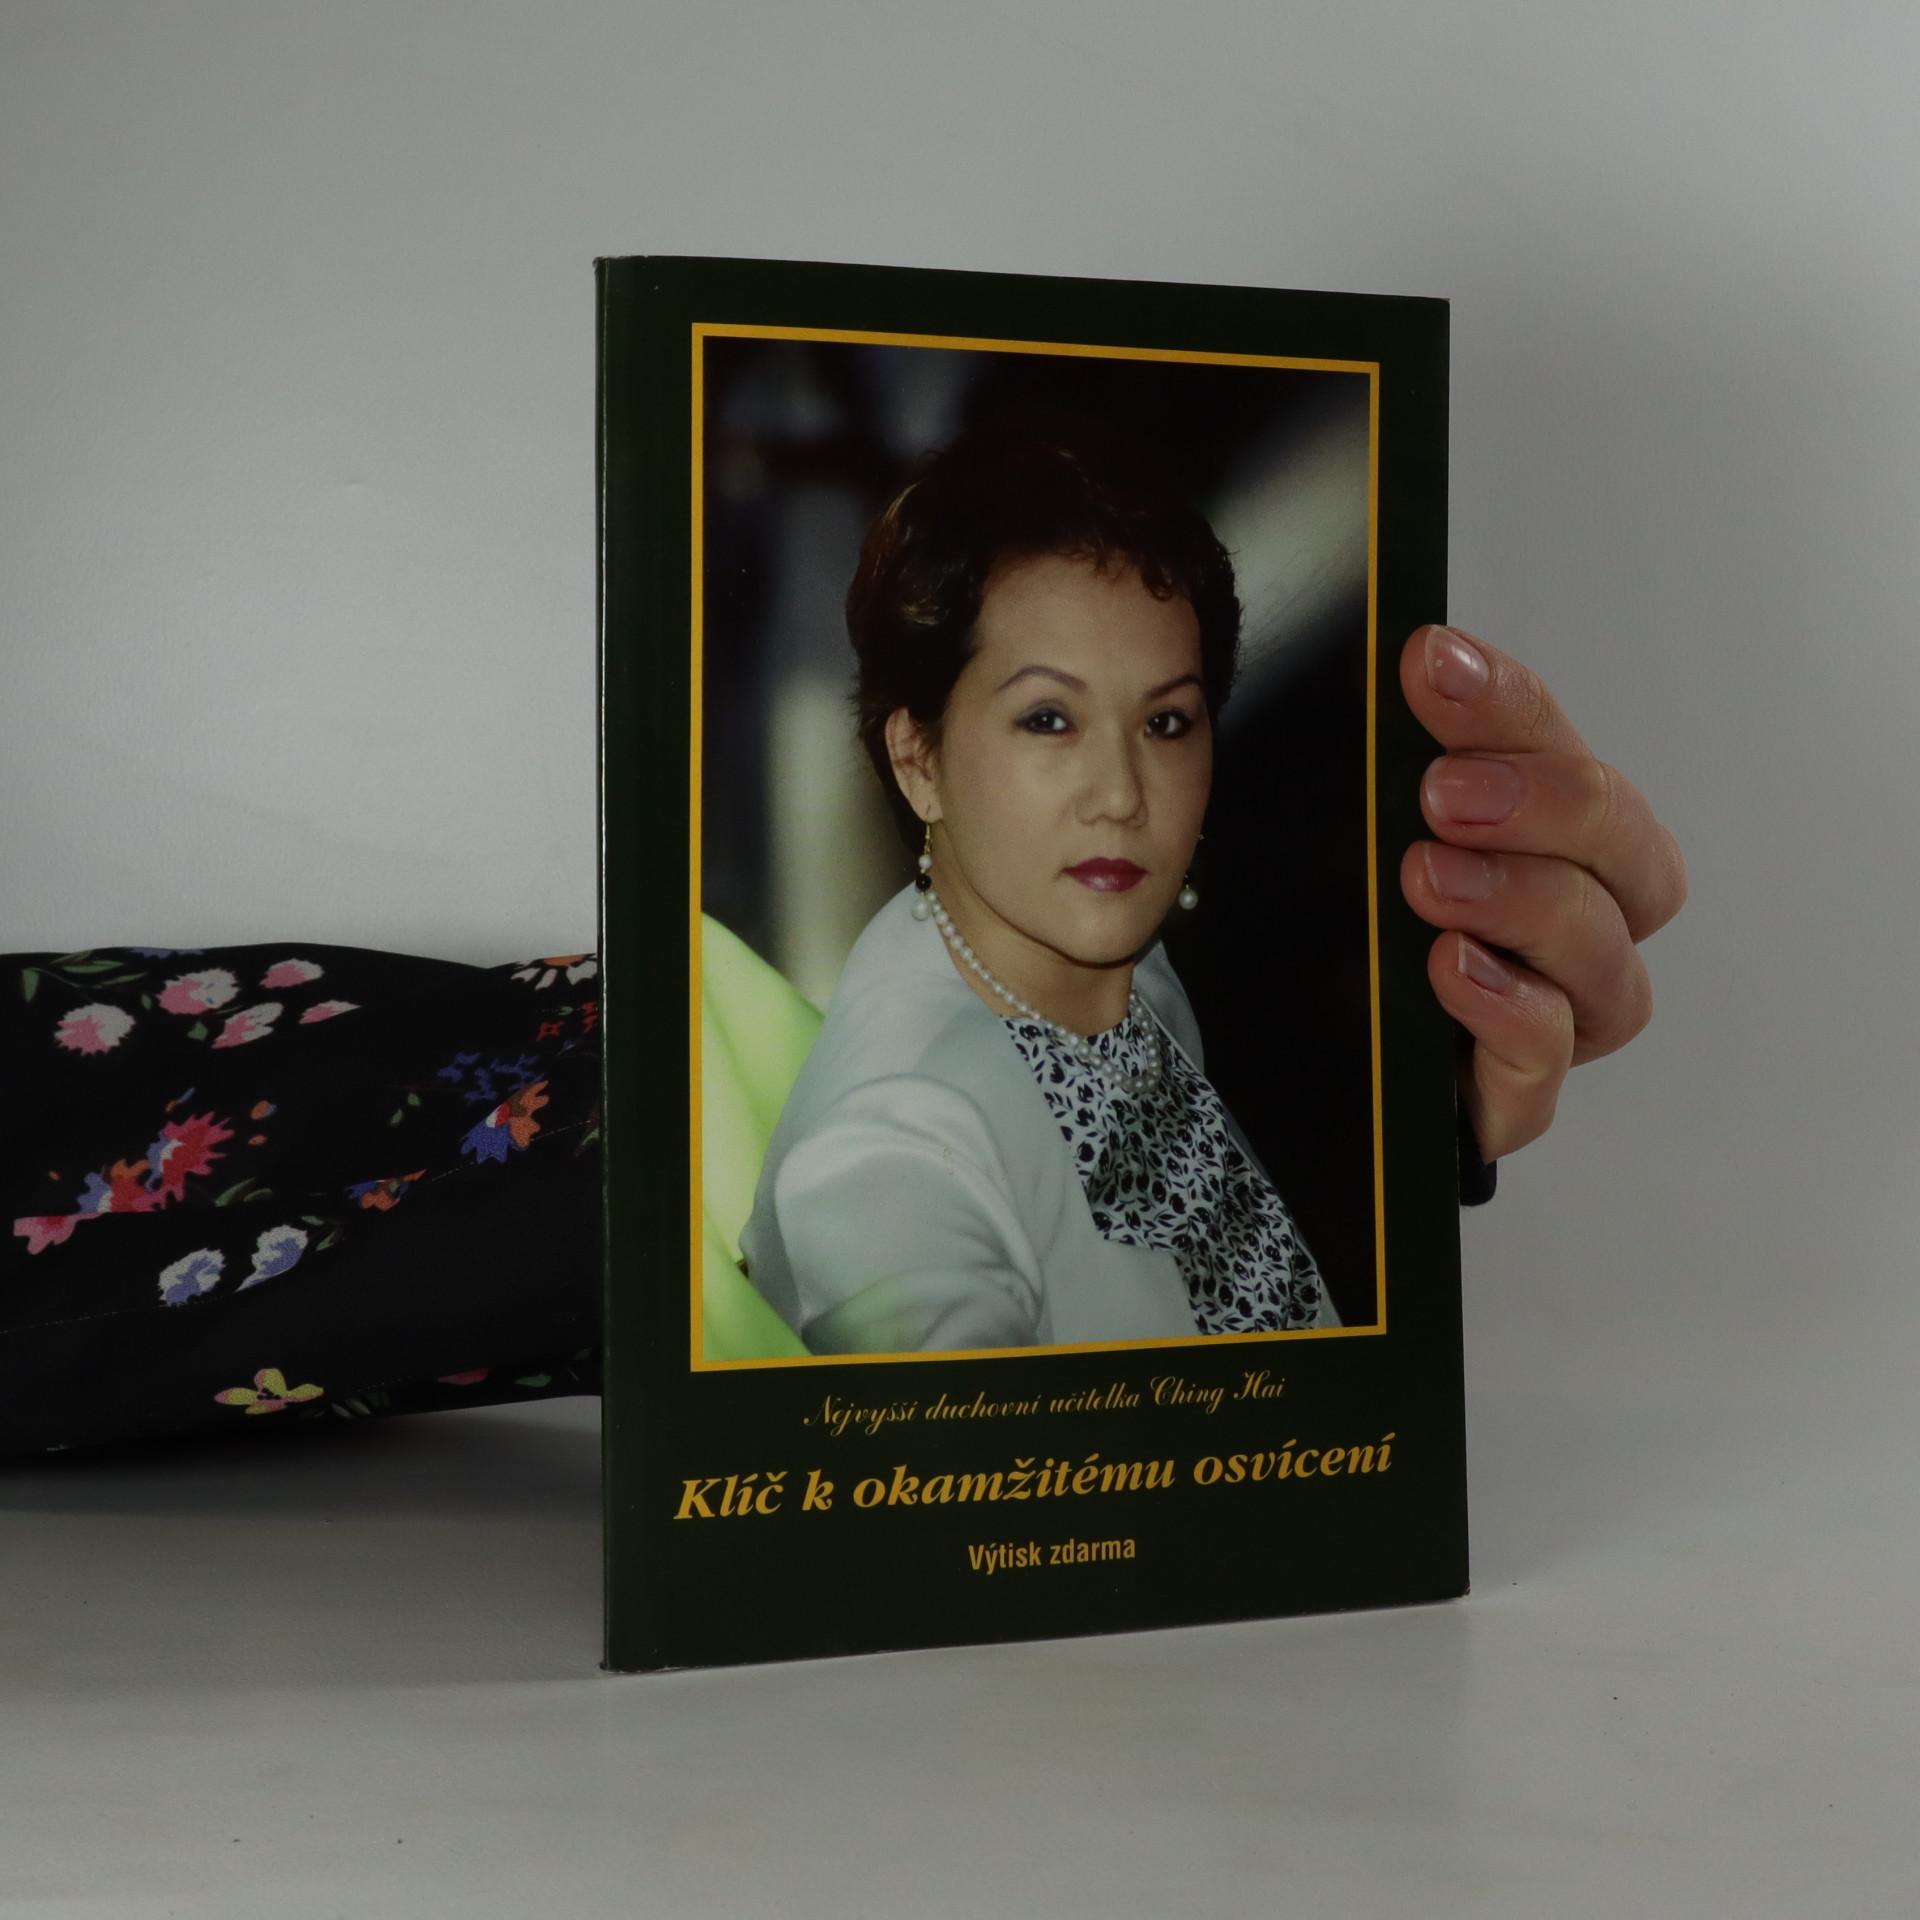 antikvární kniha Klíč k okamžitému osvícení, 1995